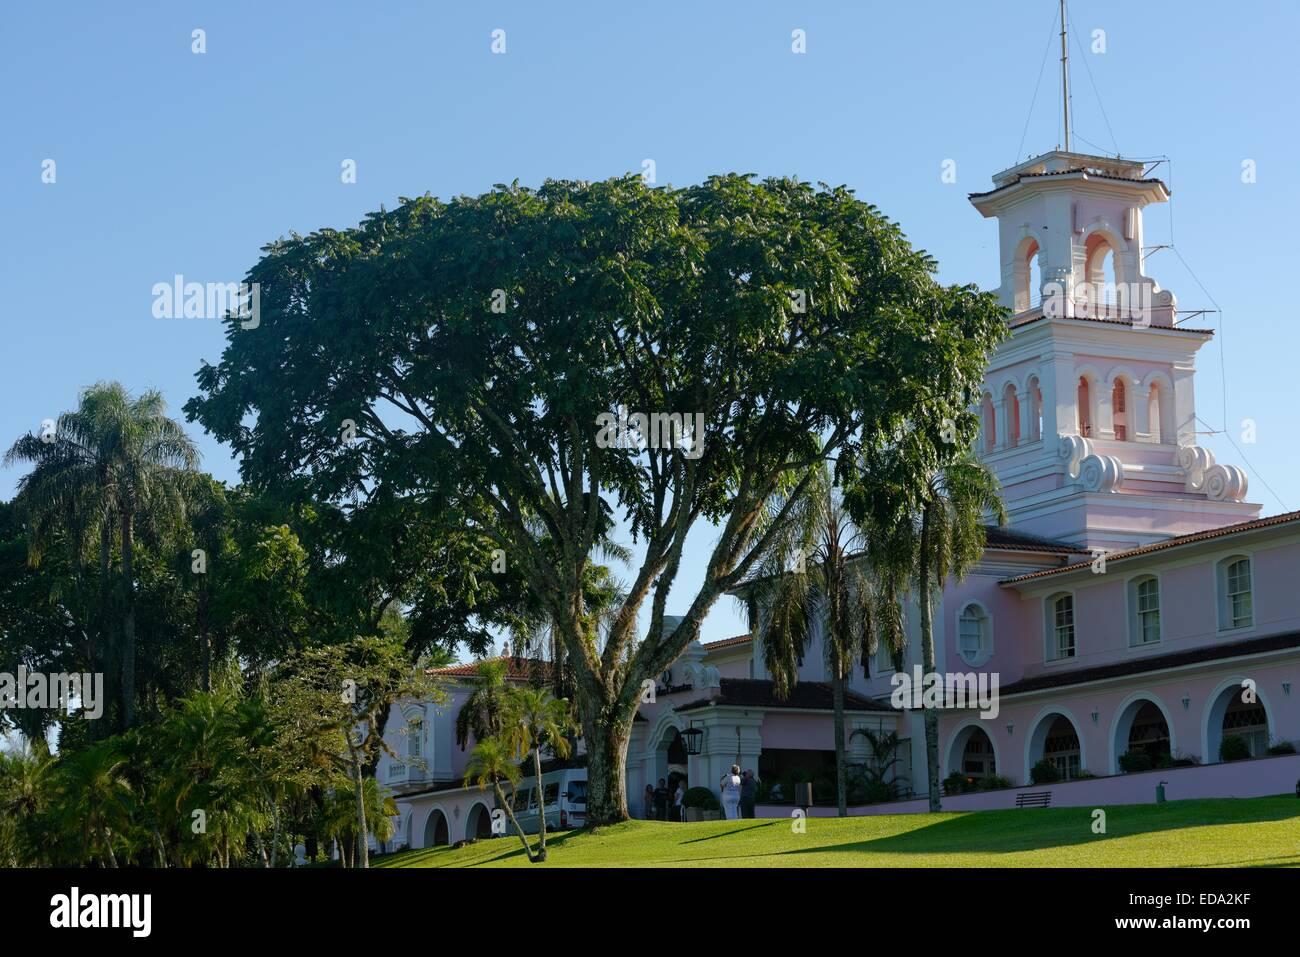 Belmond Hotel Das Cataratas, Iguacu Falls, Foz de Iguacu, Brésil, Amérique du Sud Banque D'Images